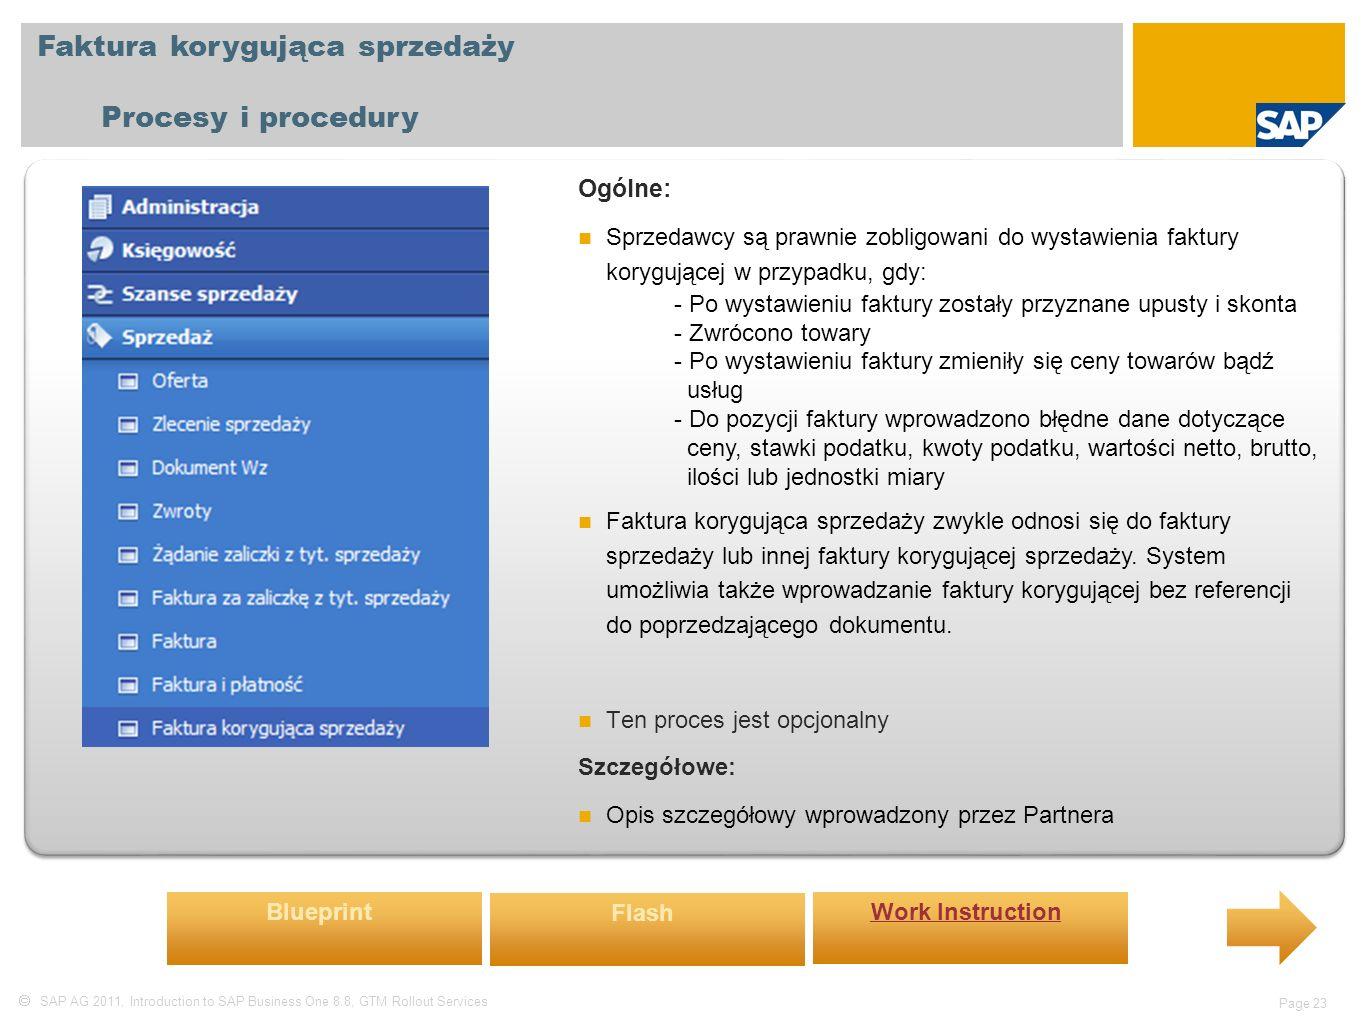  SAP AG 2011, Introduction to SAP Business One 8.8, GTM Rollout Services Page 23 Faktura korygująca sprzedaży Procesy i procedury Ogólne: Sprzedawcy są prawnie zobligowani do wystawienia faktury korygującej w przypadku, gdy: - Po wystawieniu faktury zostały przyznane upusty i skonta - Zwrócono towary - Po wystawieniu faktury zmieniły się ceny towarów bądź usług - Do pozycji faktury wprowadzono błędne dane dotyczące ceny, stawki podatku, kwoty podatku, wartości netto, brutto, ilości lub jednostki miary Faktura korygująca sprzedaży zwykle odnosi się do faktury sprzedaży lub innej faktury korygującej sprzedaży.